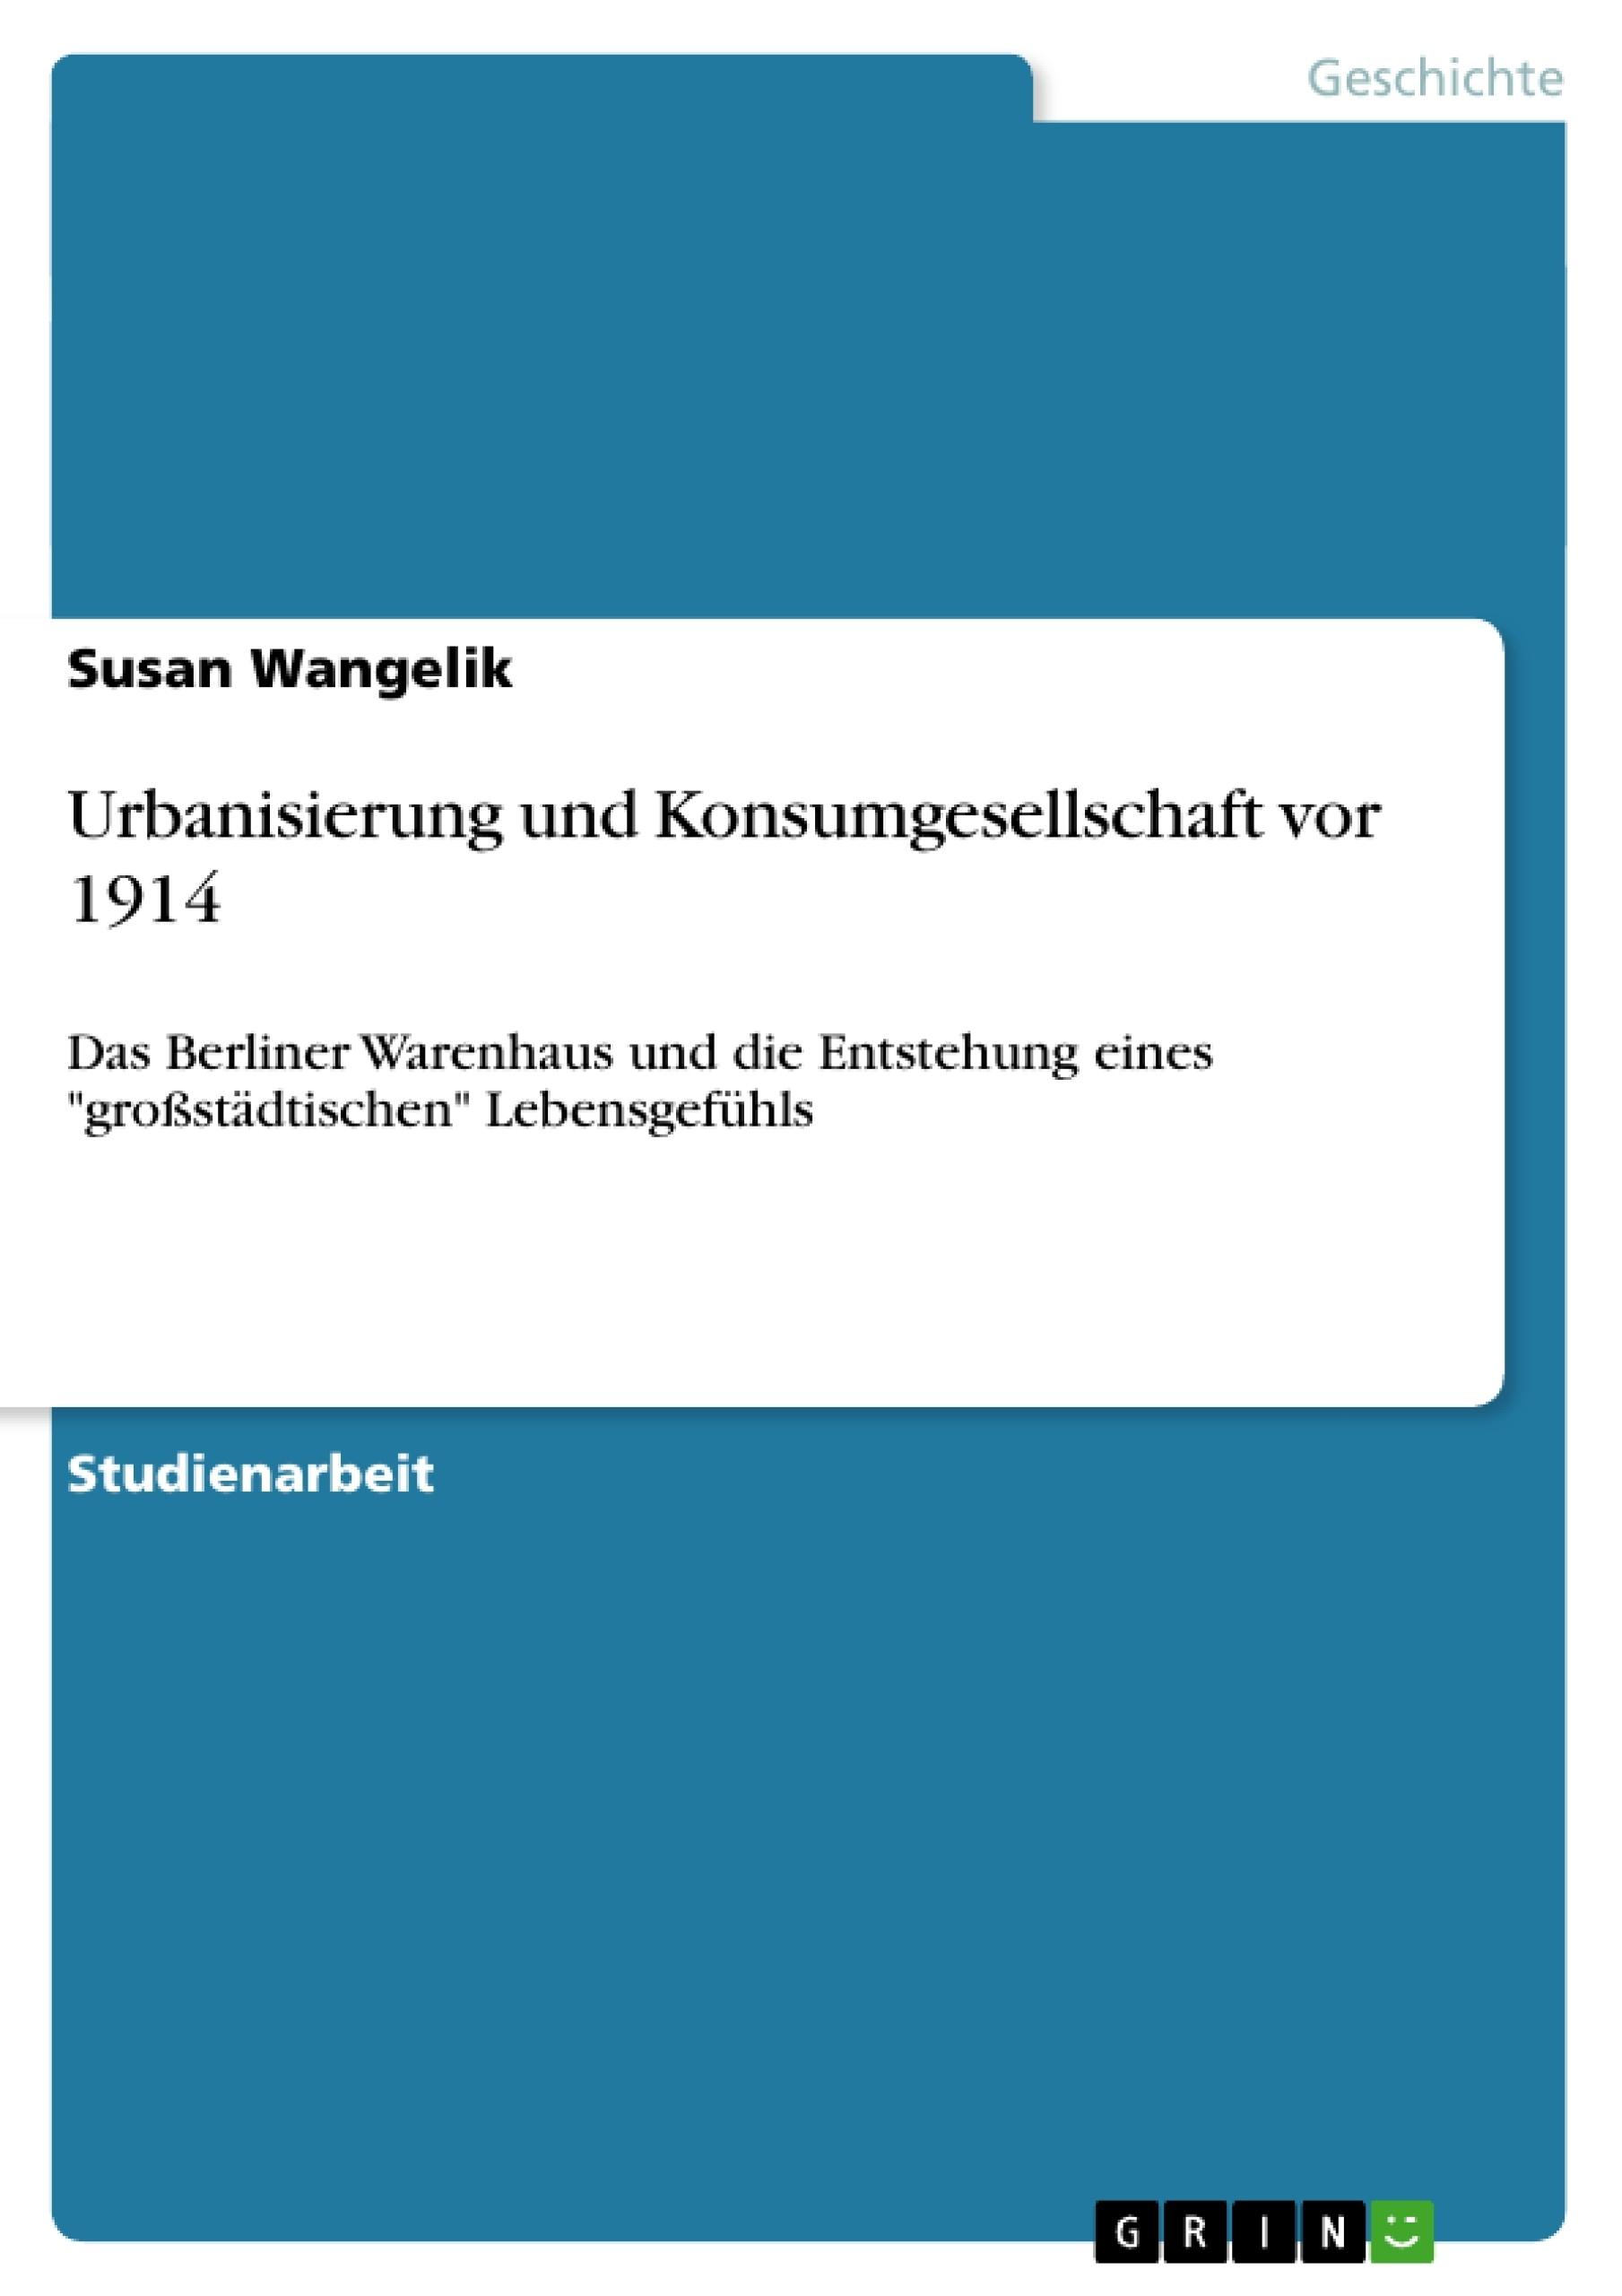 Titel: Urbanisierung und Konsumgesellschaft vor 1914